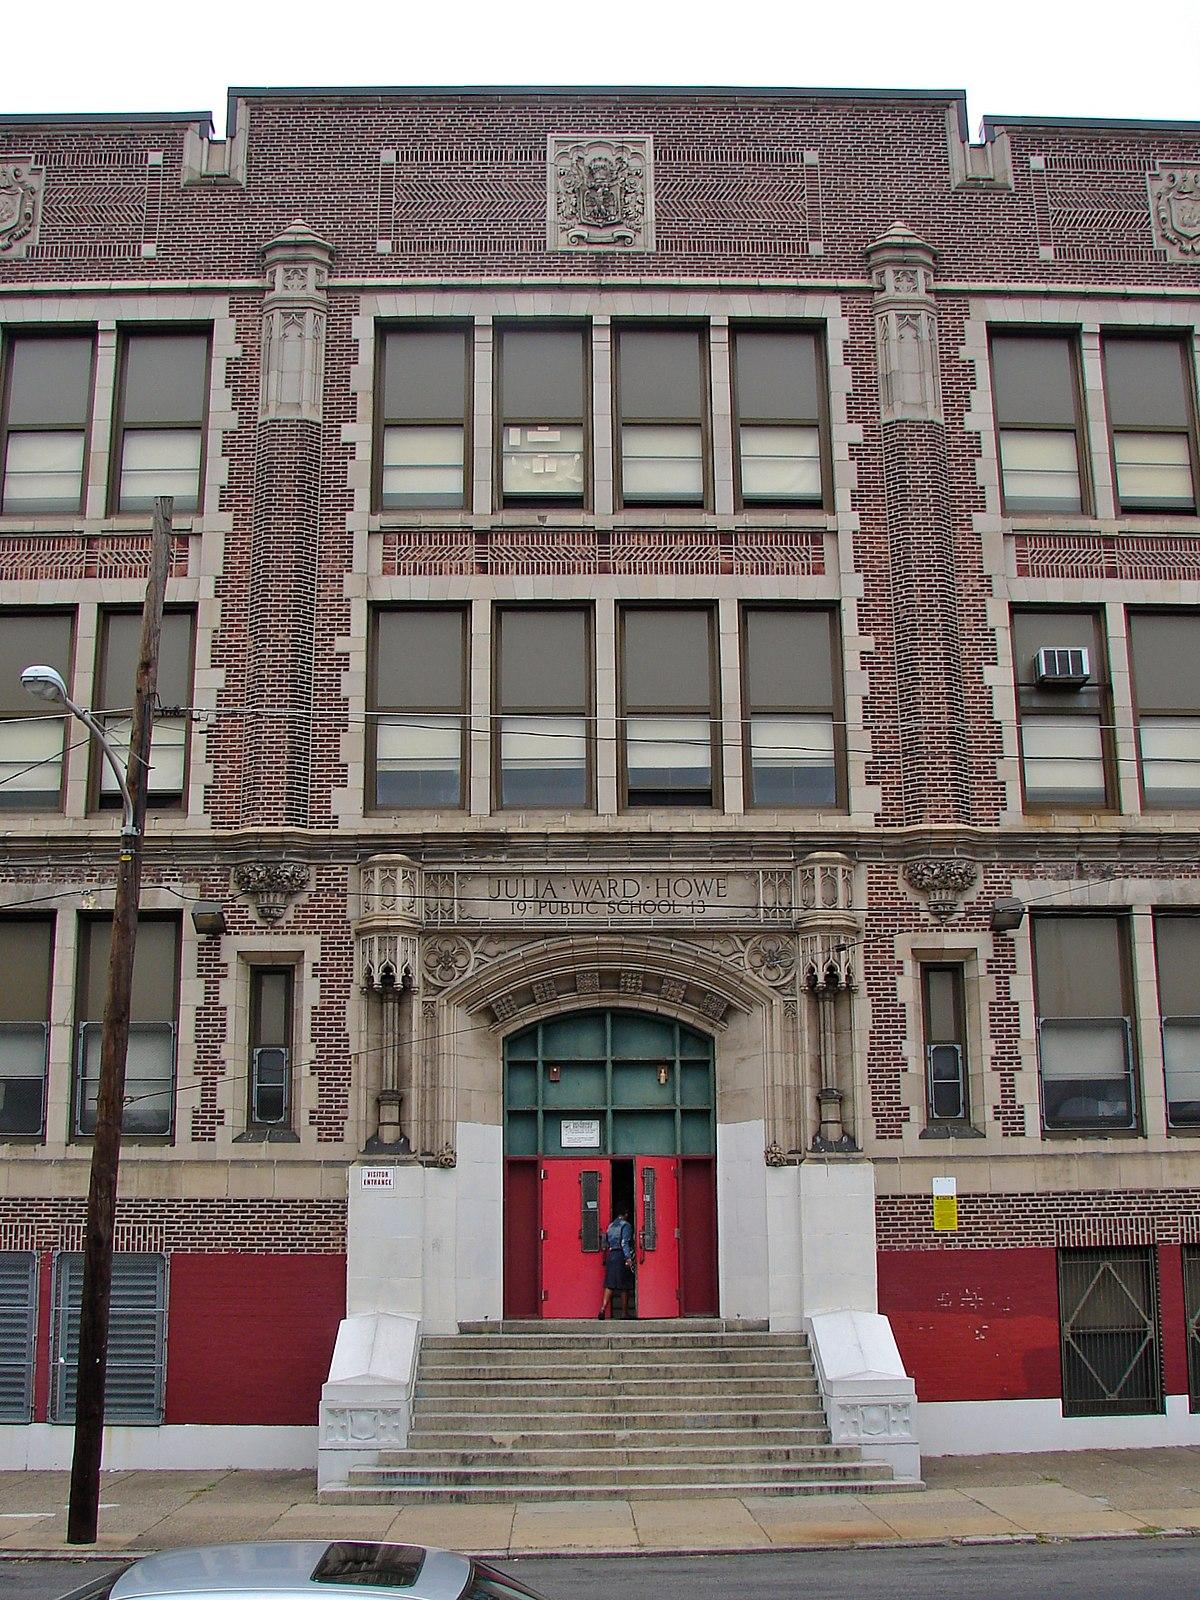 Julia Ward Howe School - Wikipedia